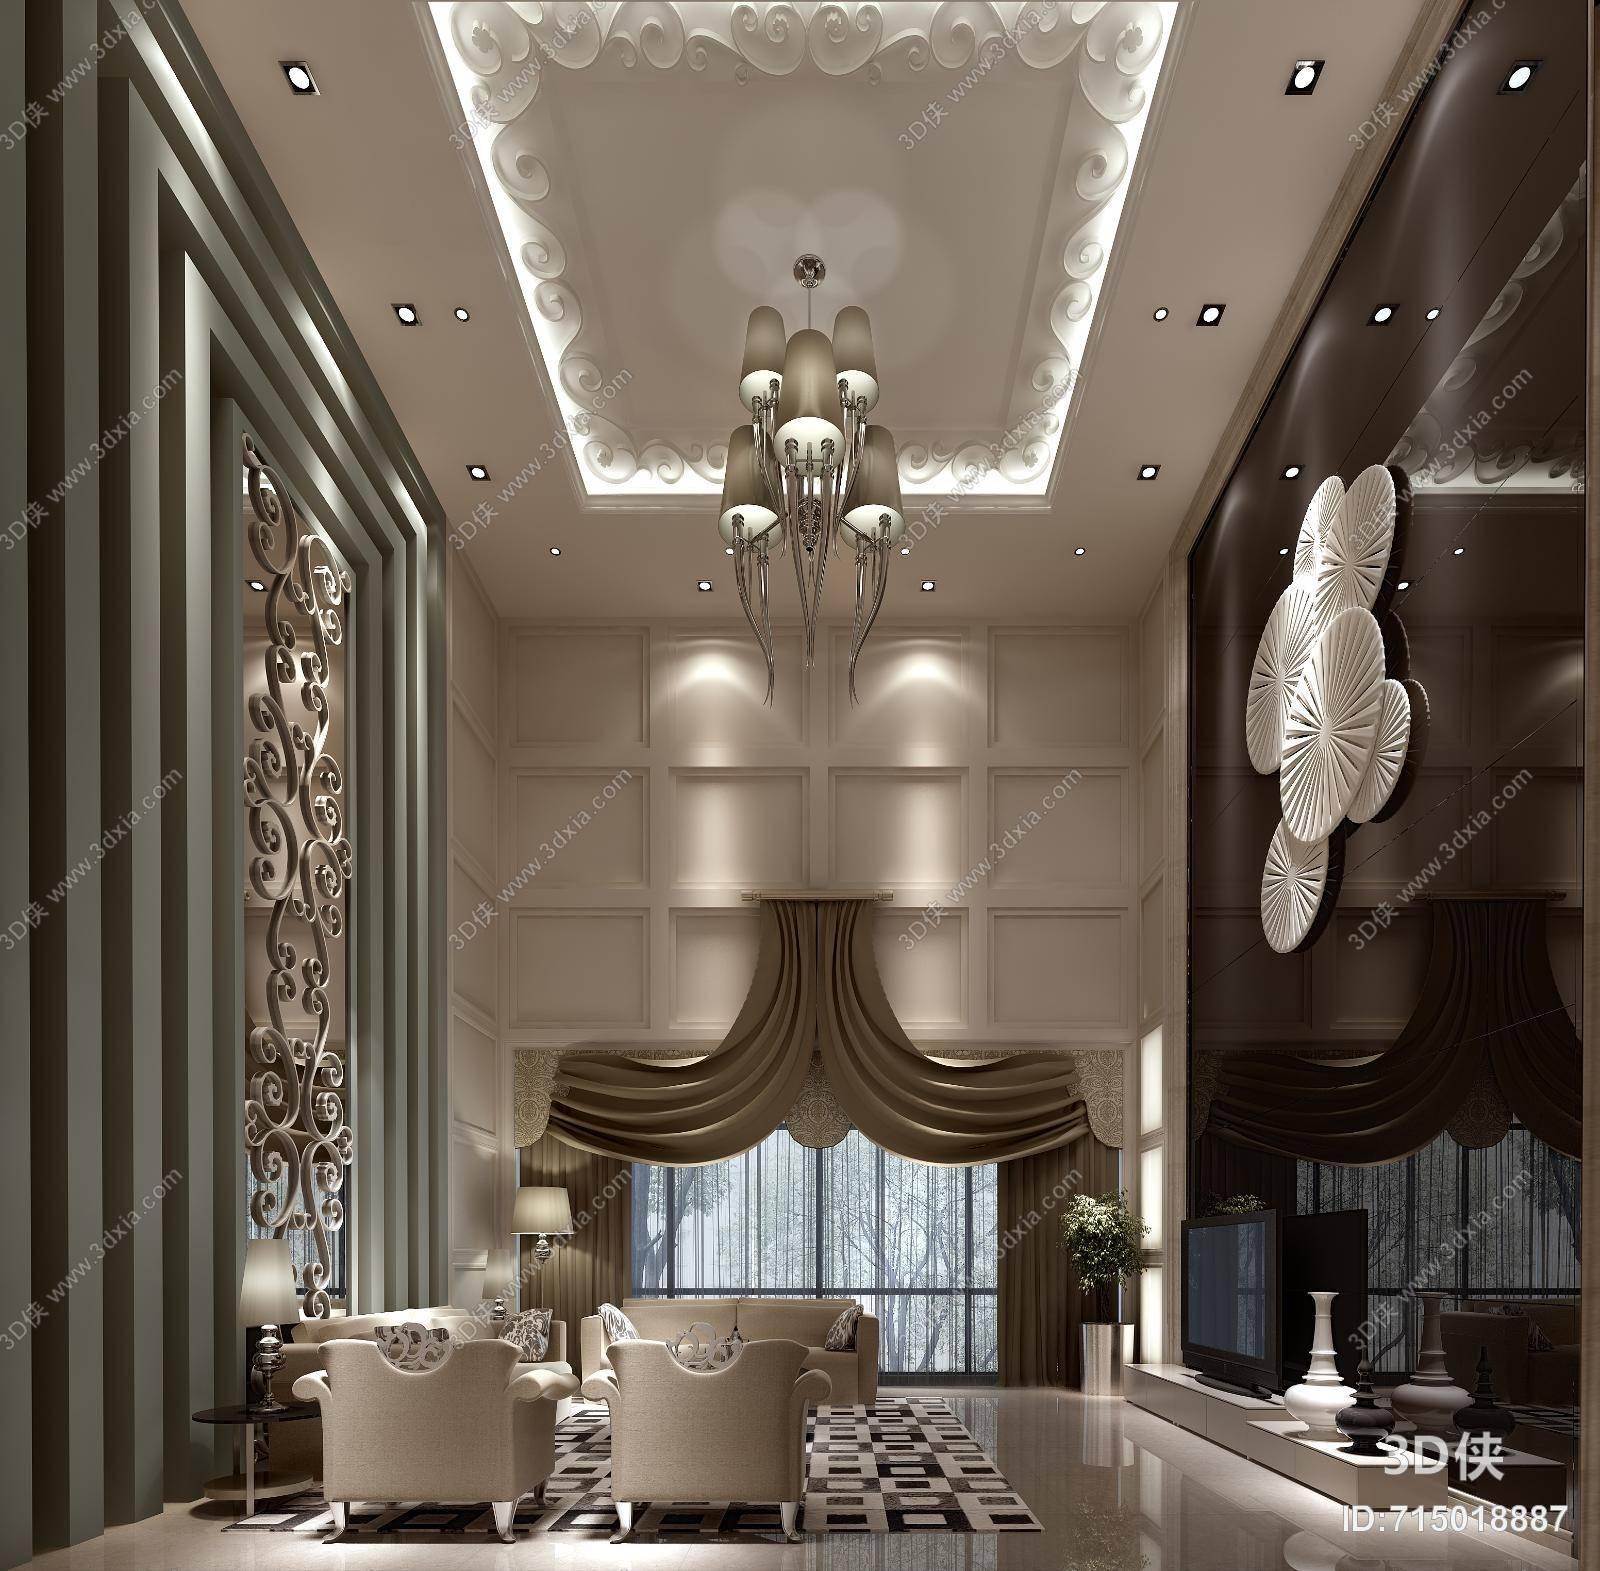 欧式简约别墅客厅 欧式简约金属吊灯 白色圆形纸质墙饰挂件组合 欧式